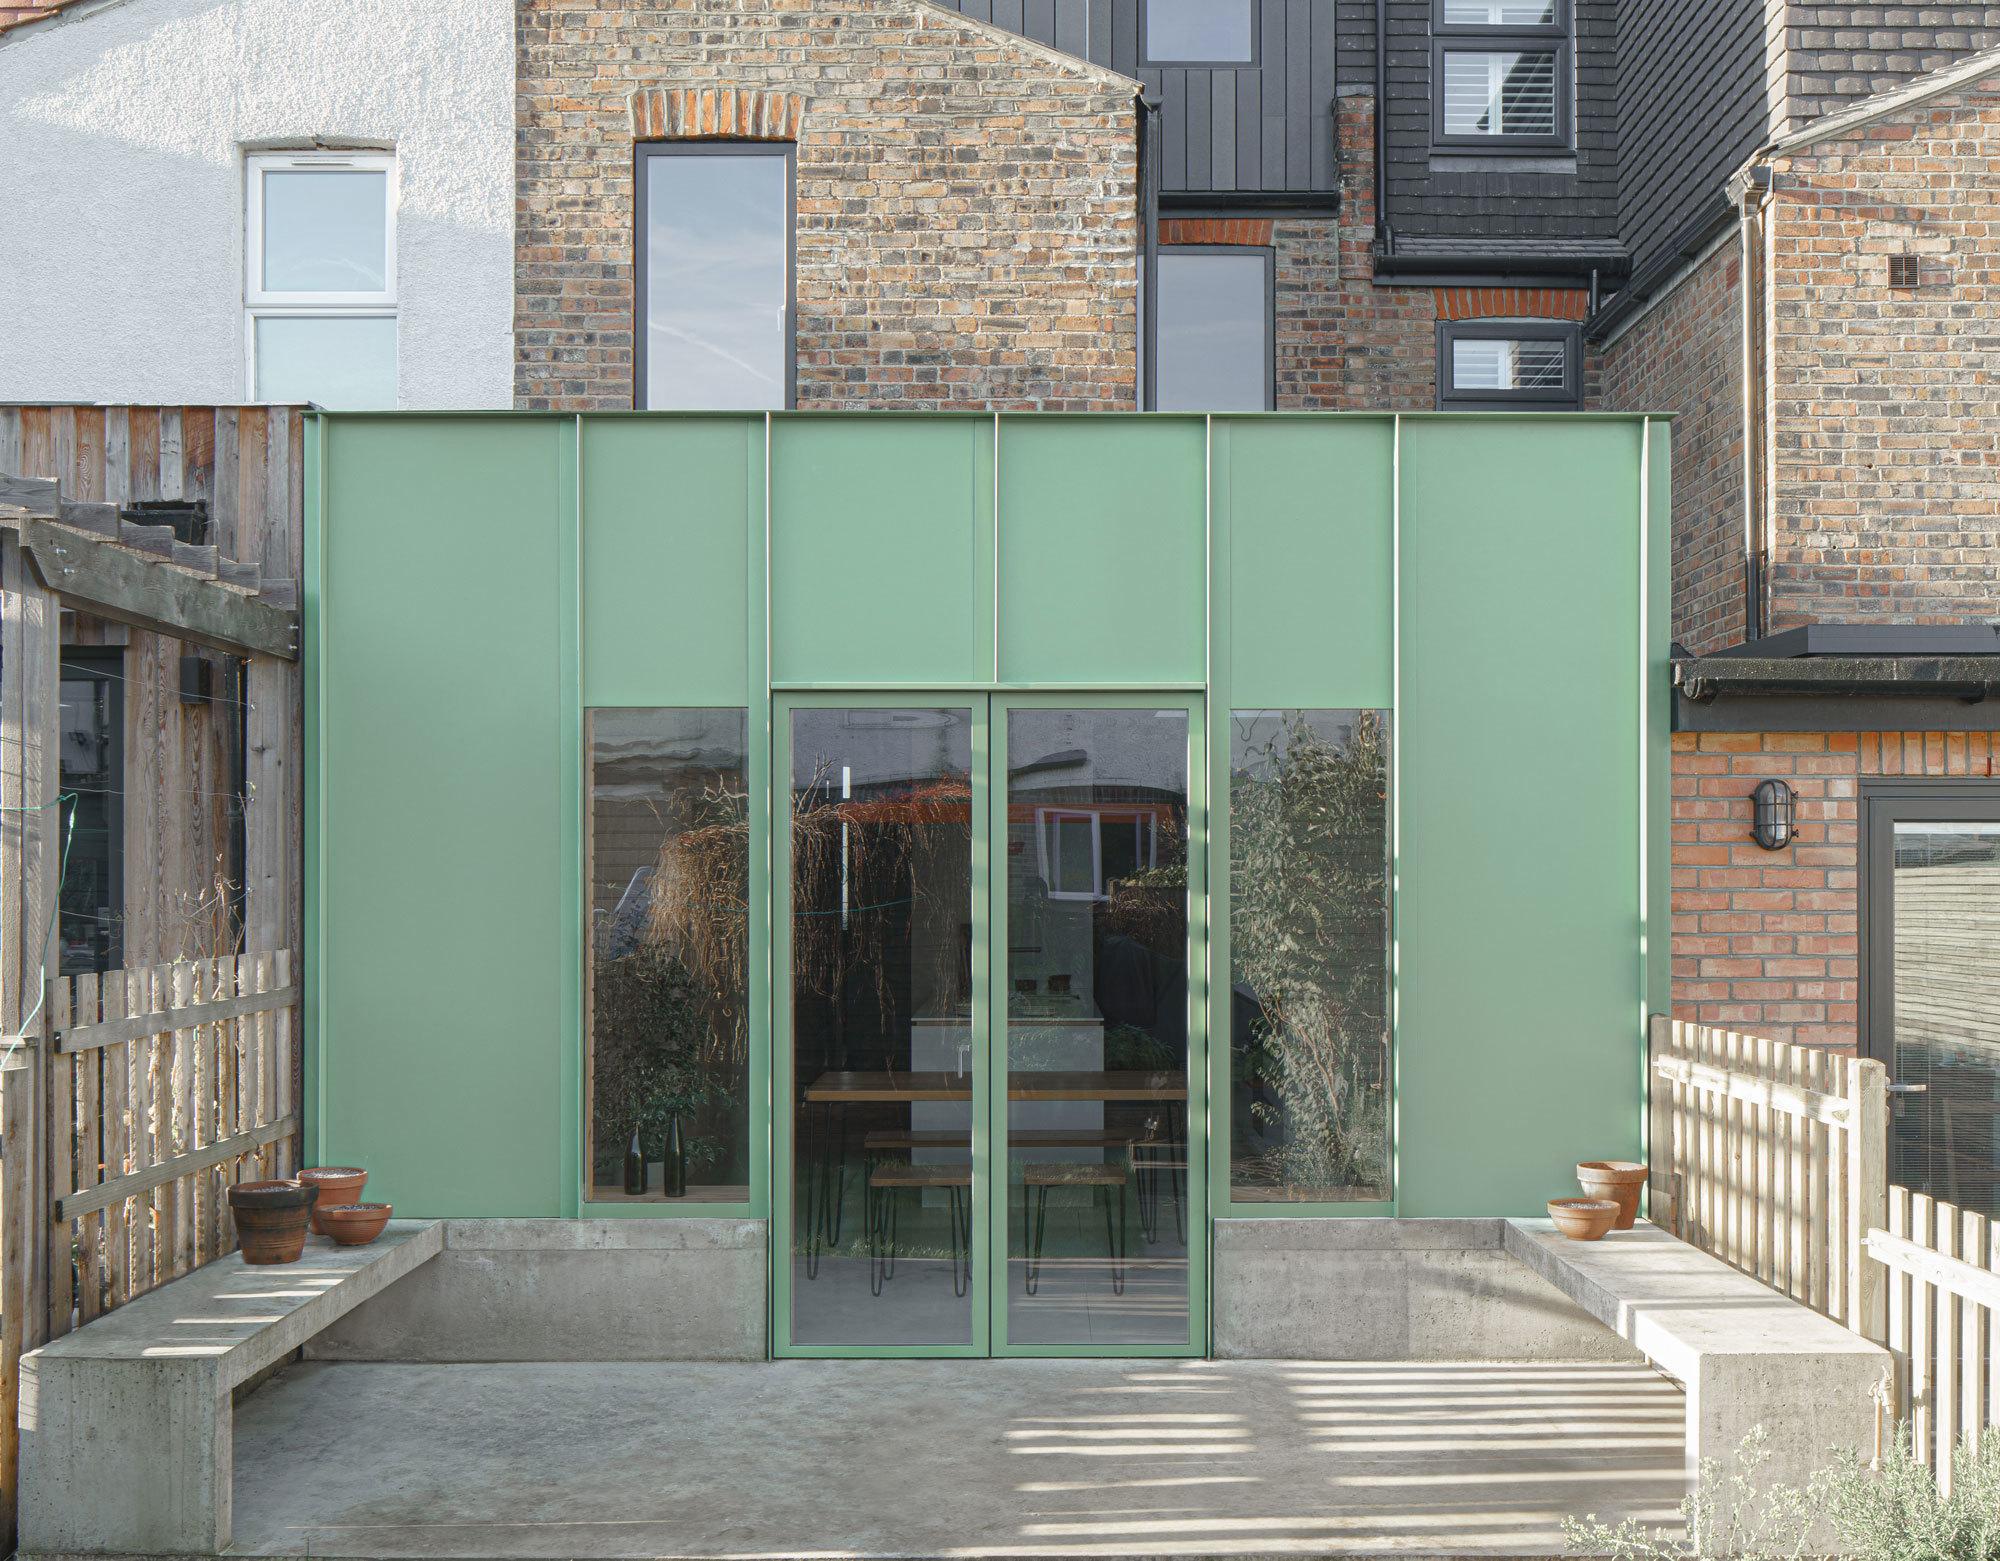 Ein Londoner Reihenhaus tanzt aus der Reihe: Die Architekten von DEDRAFT verpassten ihm einen markanten Anbau mit staubgrüner Aluminiumfassade und Betonterrasse.